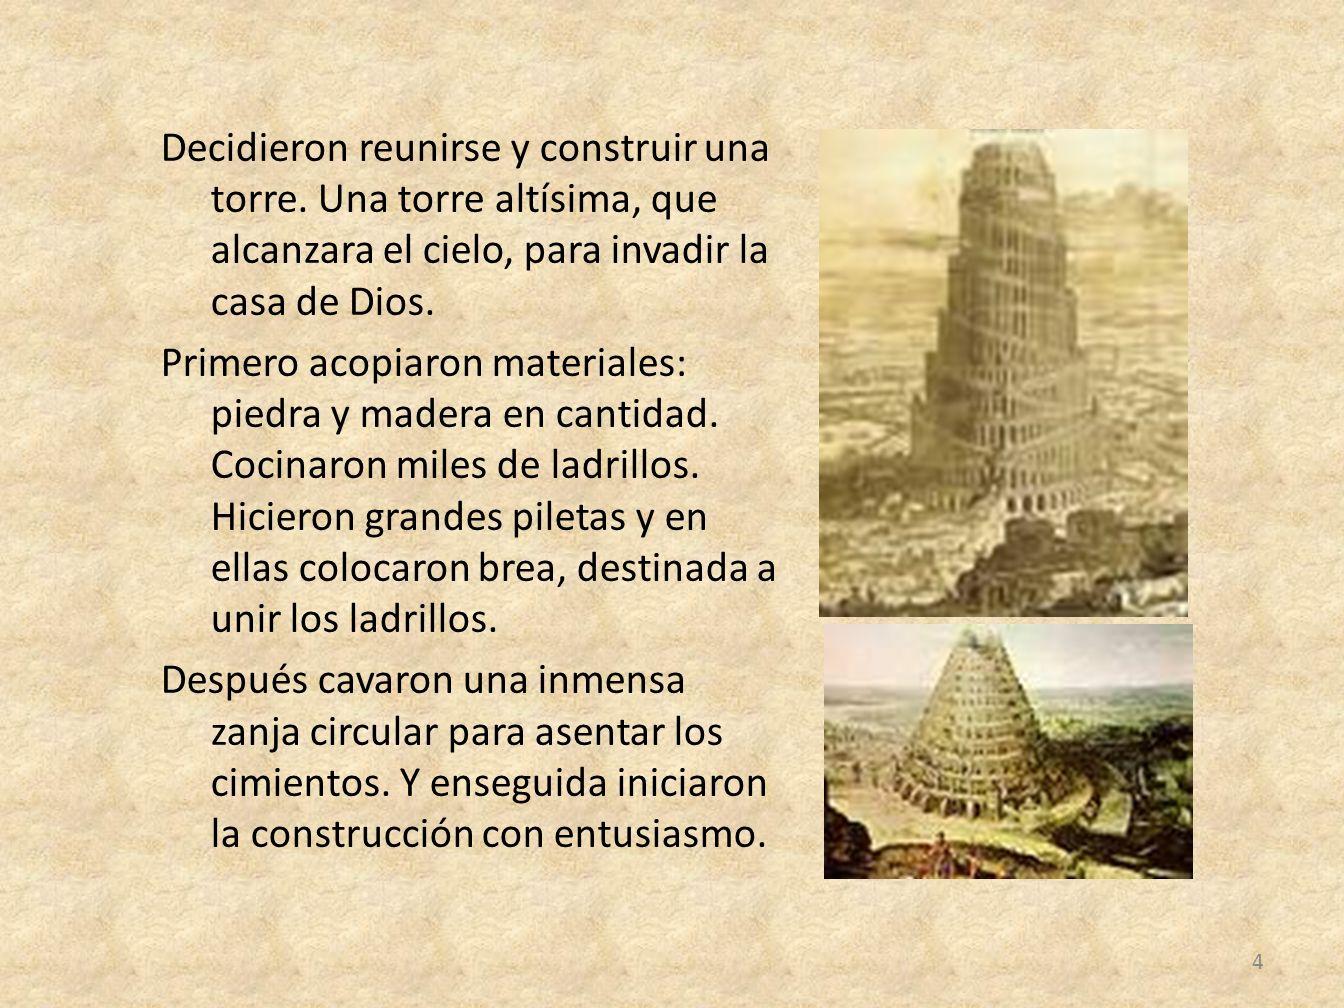 Decidieron reunirse y construir una torre. Una torre altísima, que alcanzara el cielo, para invadir la casa de Dios. Primero acopiaron materiales: pie